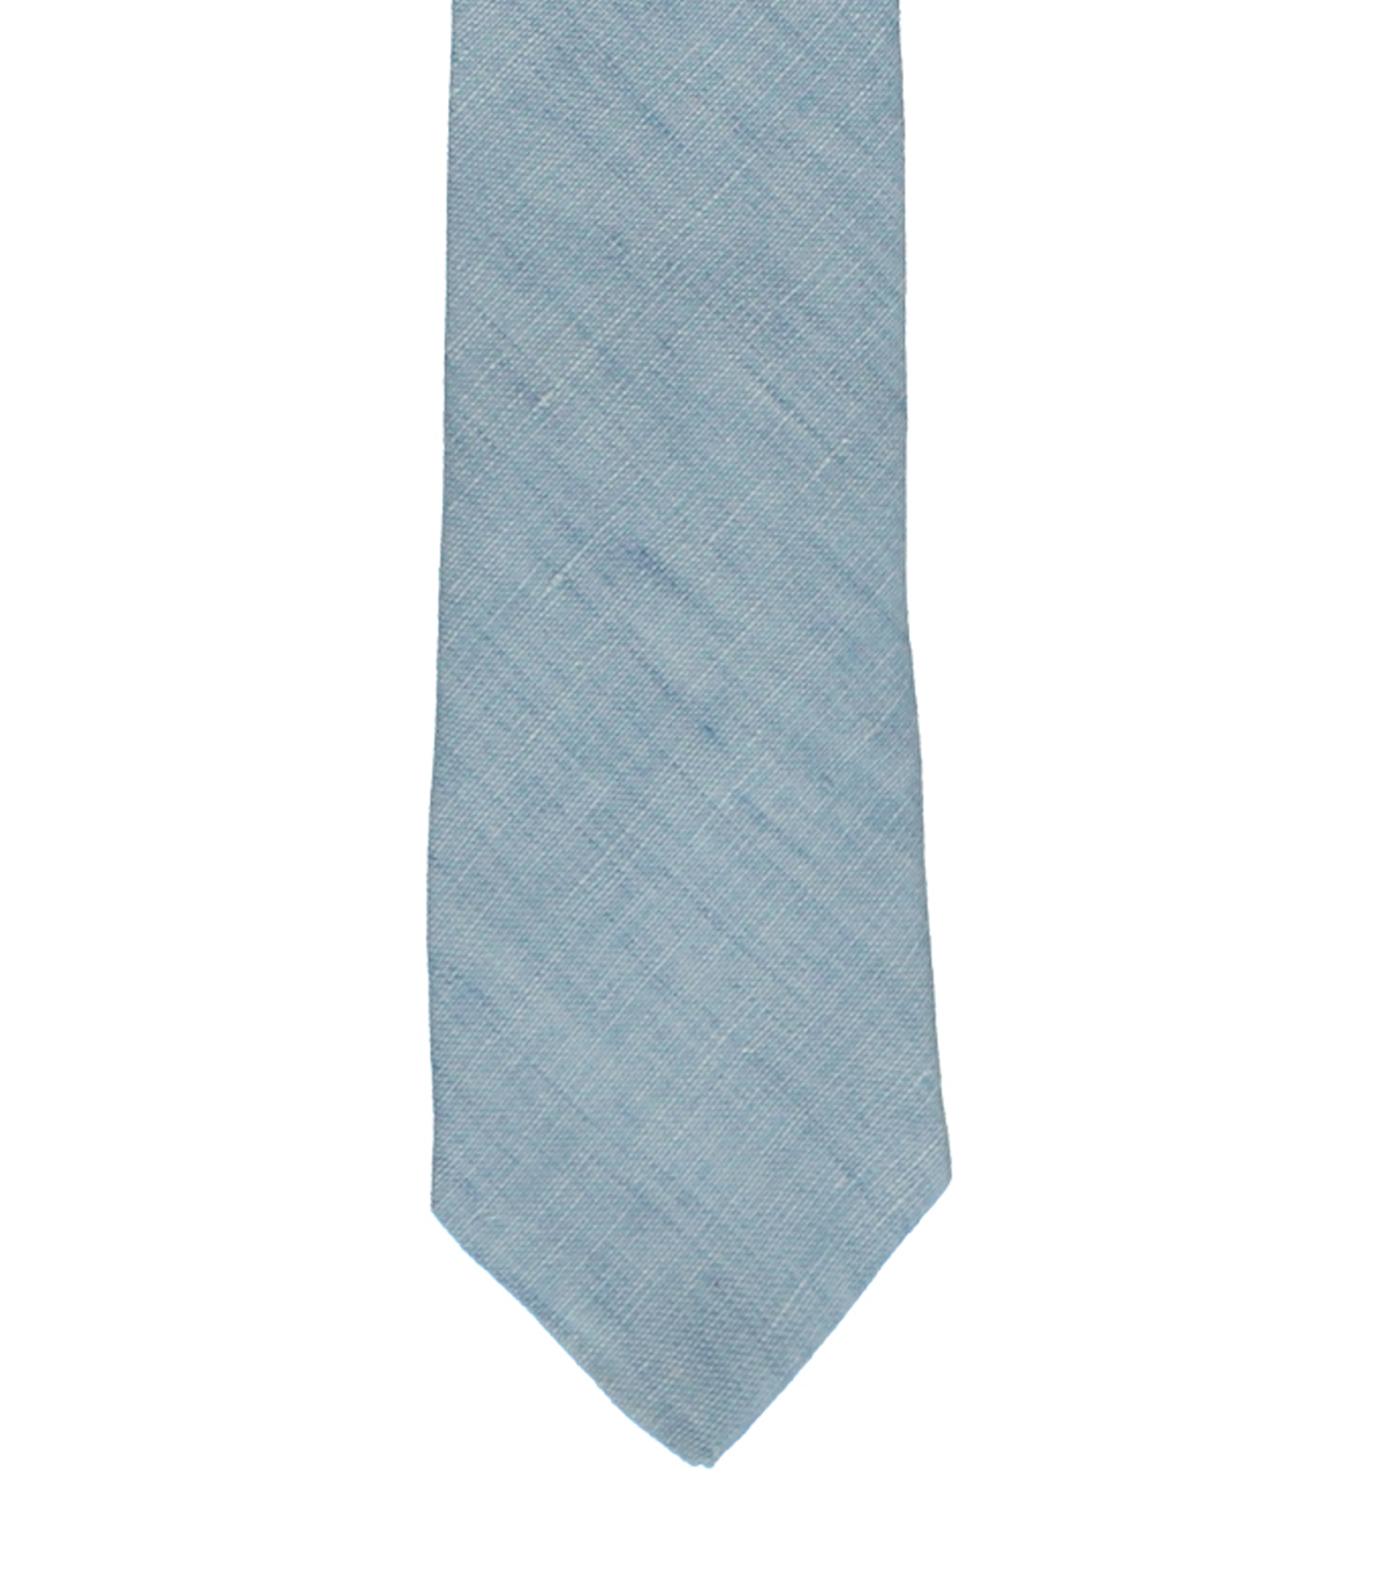 Tie CDP - Light blue linen